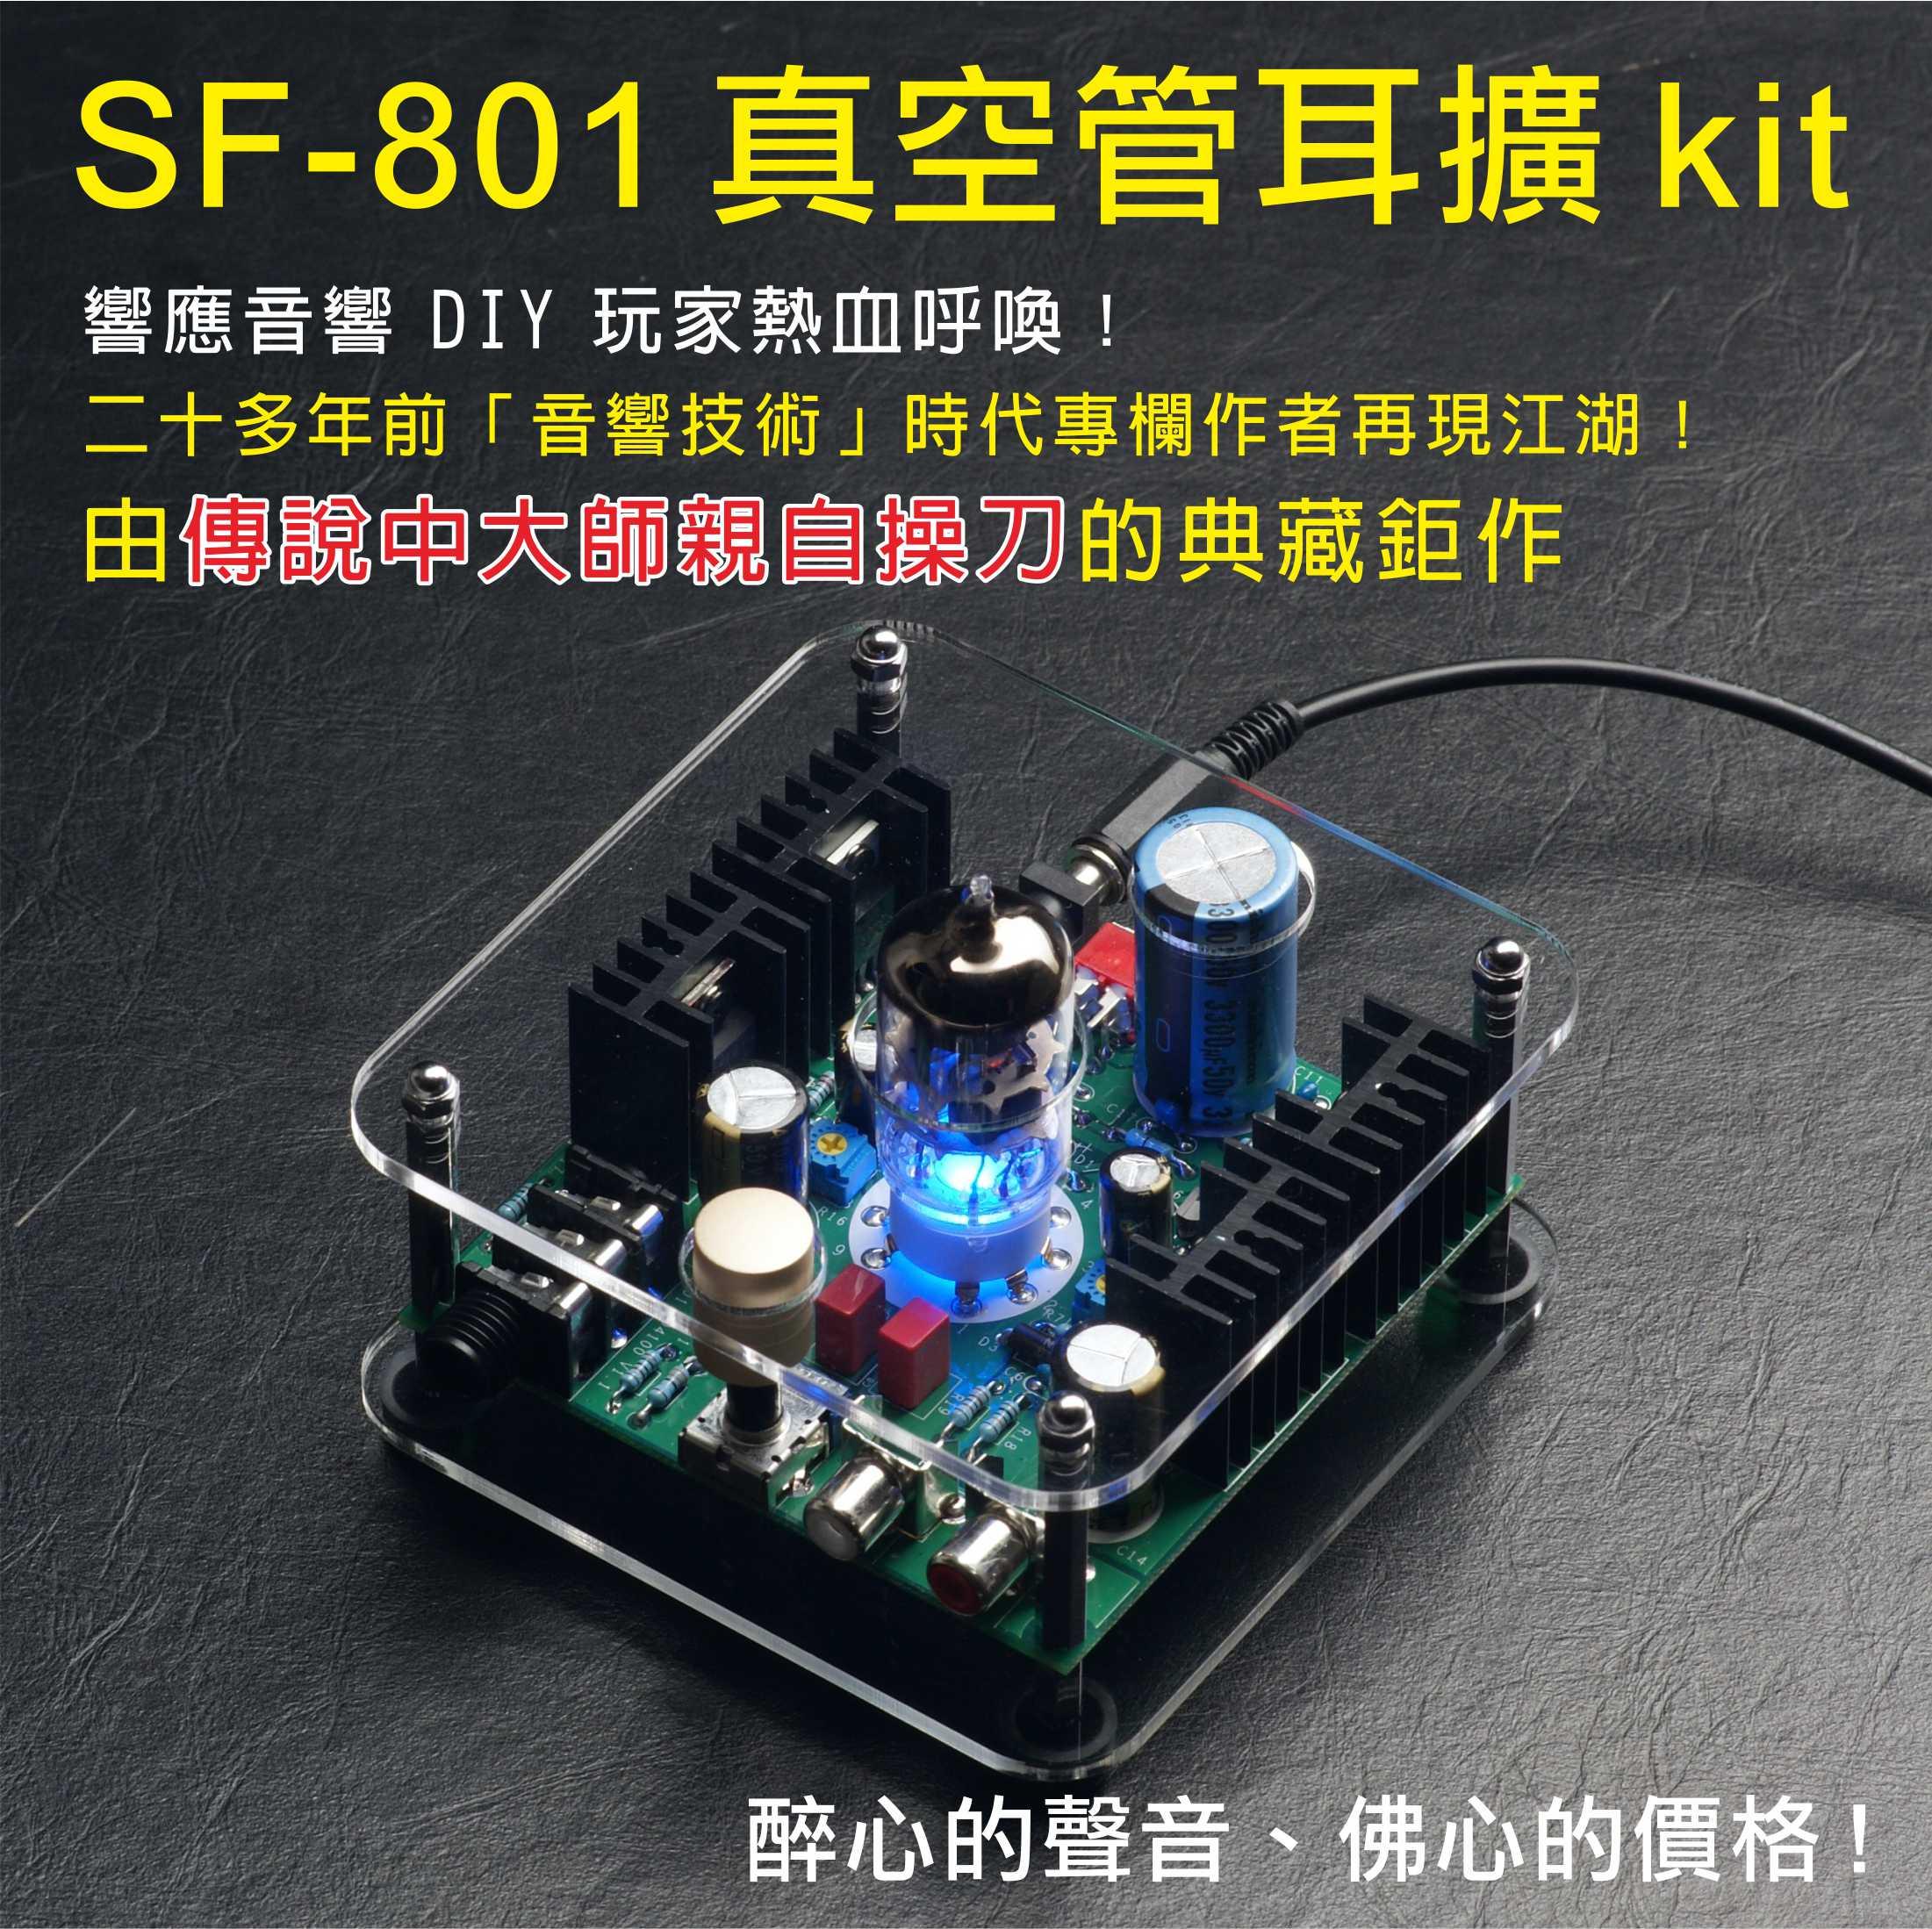 SF-801 真空管耳擴kit